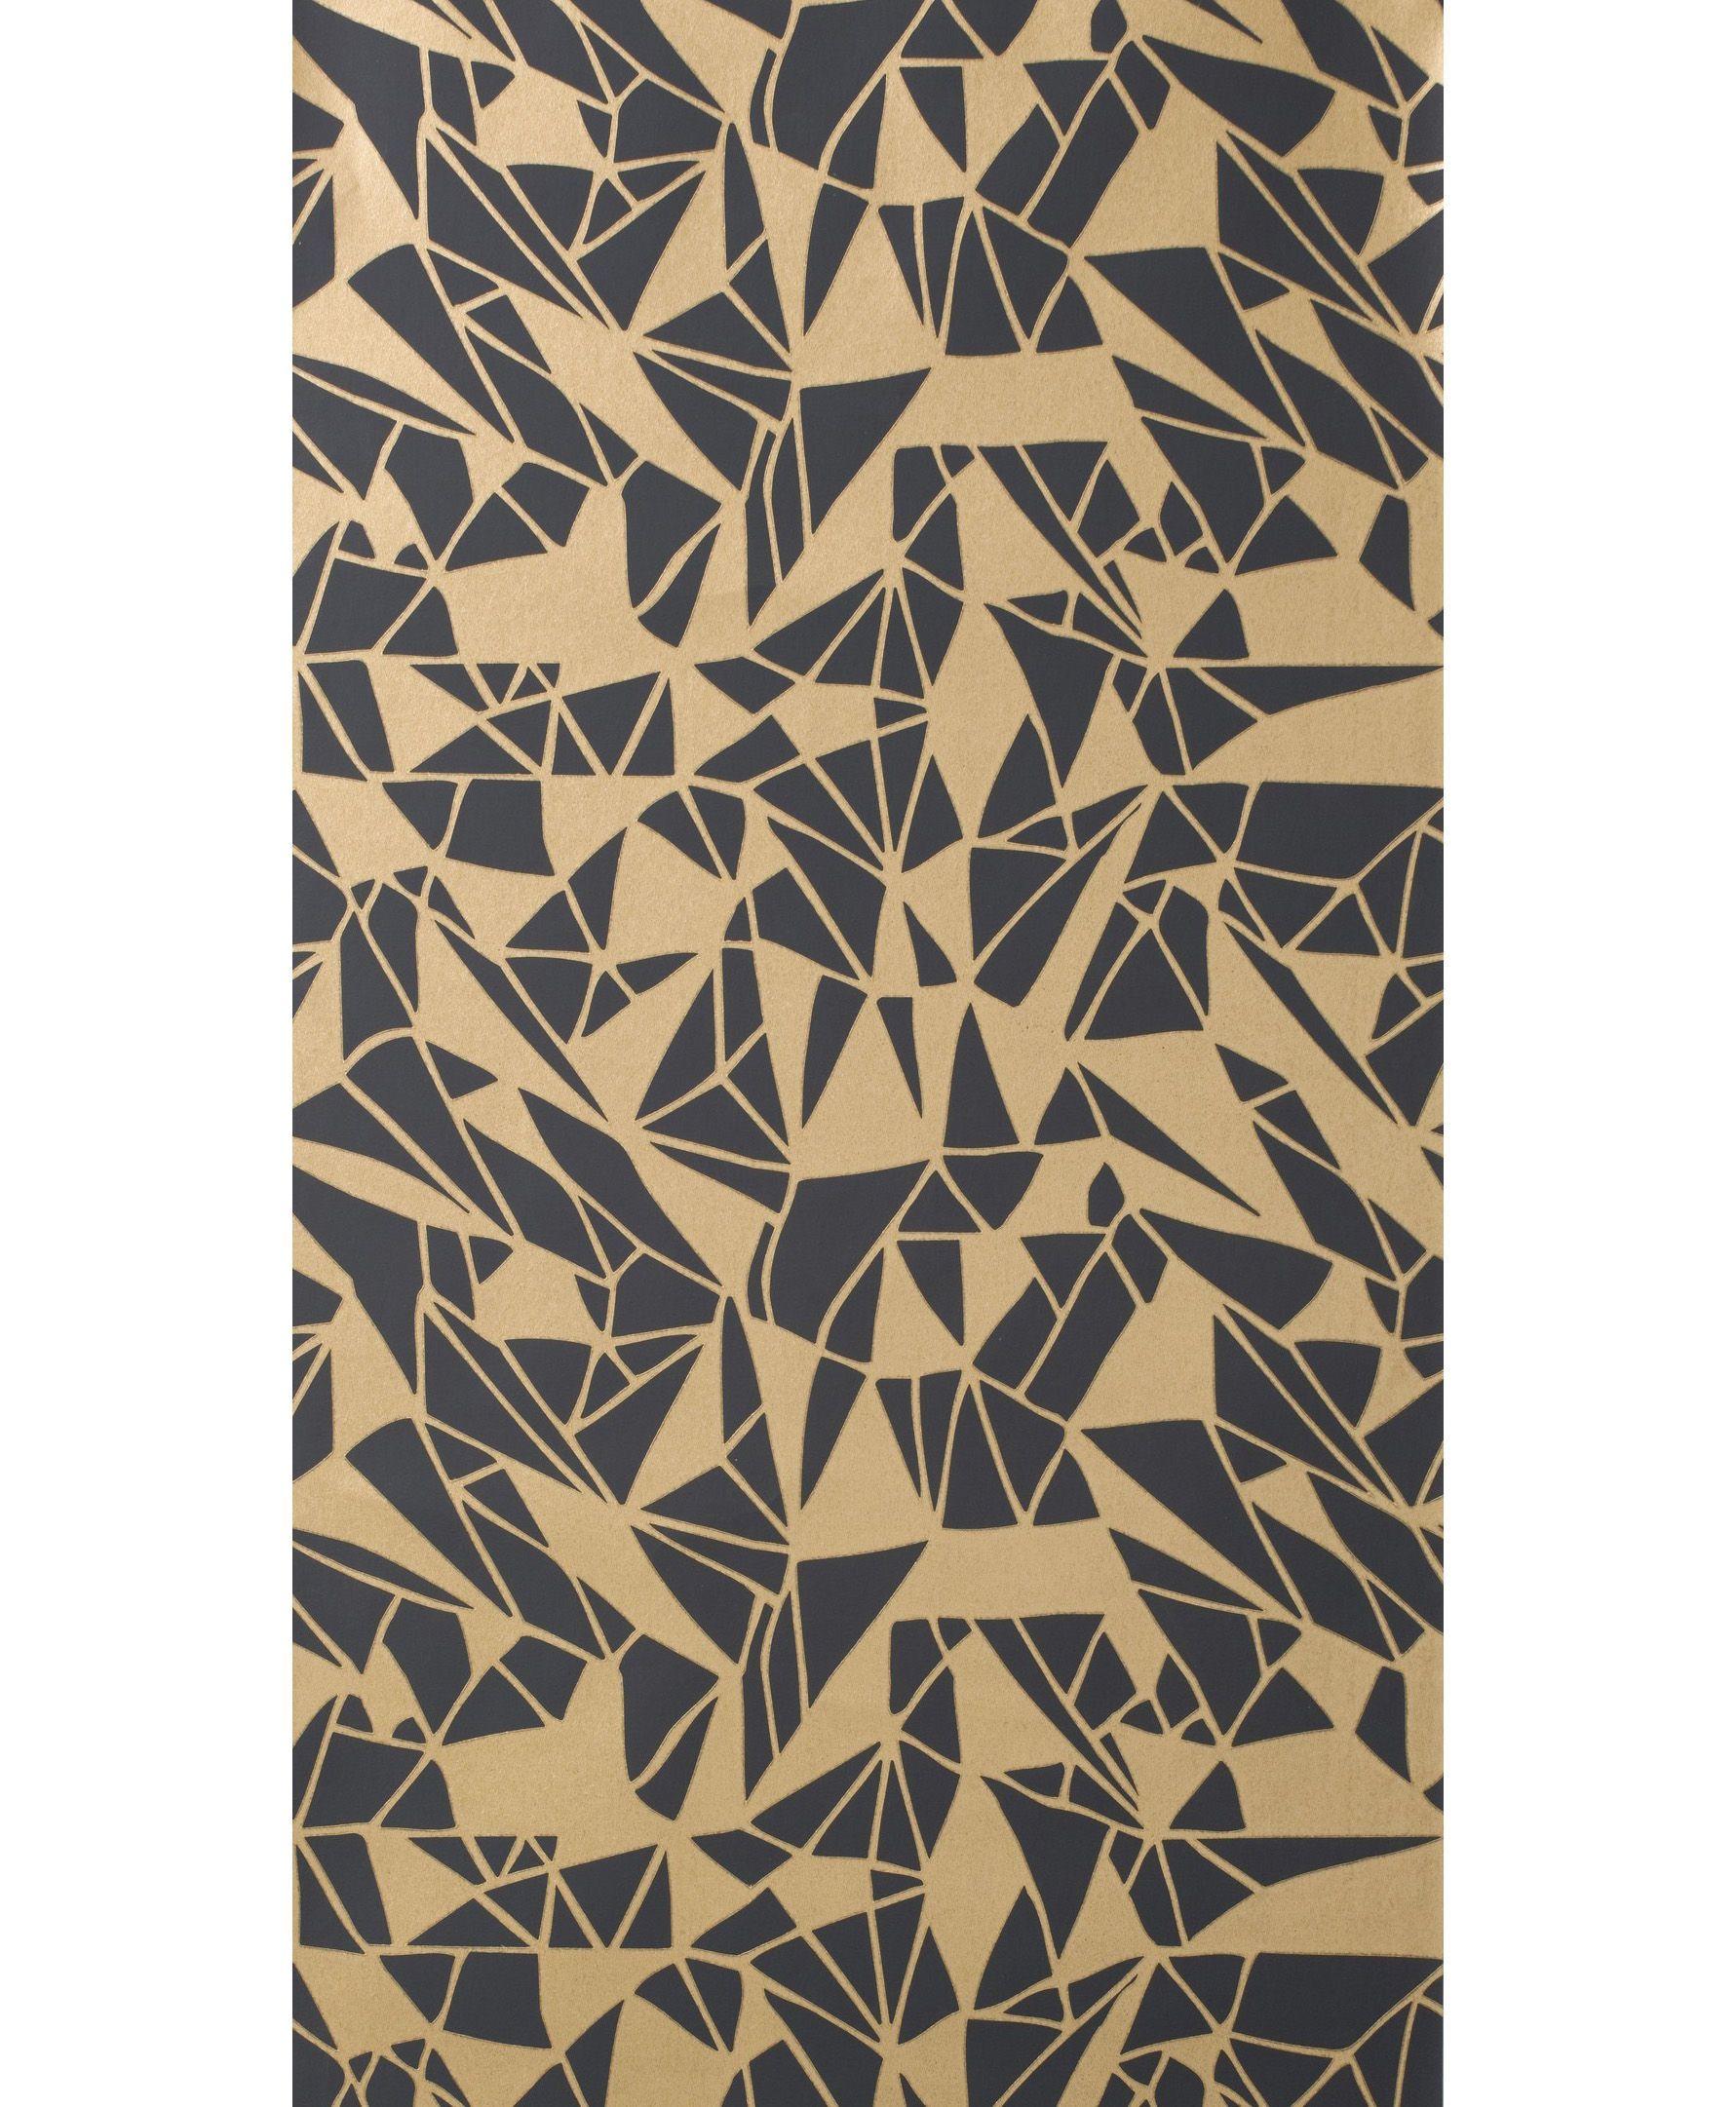 papier peint monroe 1 rouleau larg 53 cm ferm living patterns pinterest papier peint. Black Bedroom Furniture Sets. Home Design Ideas